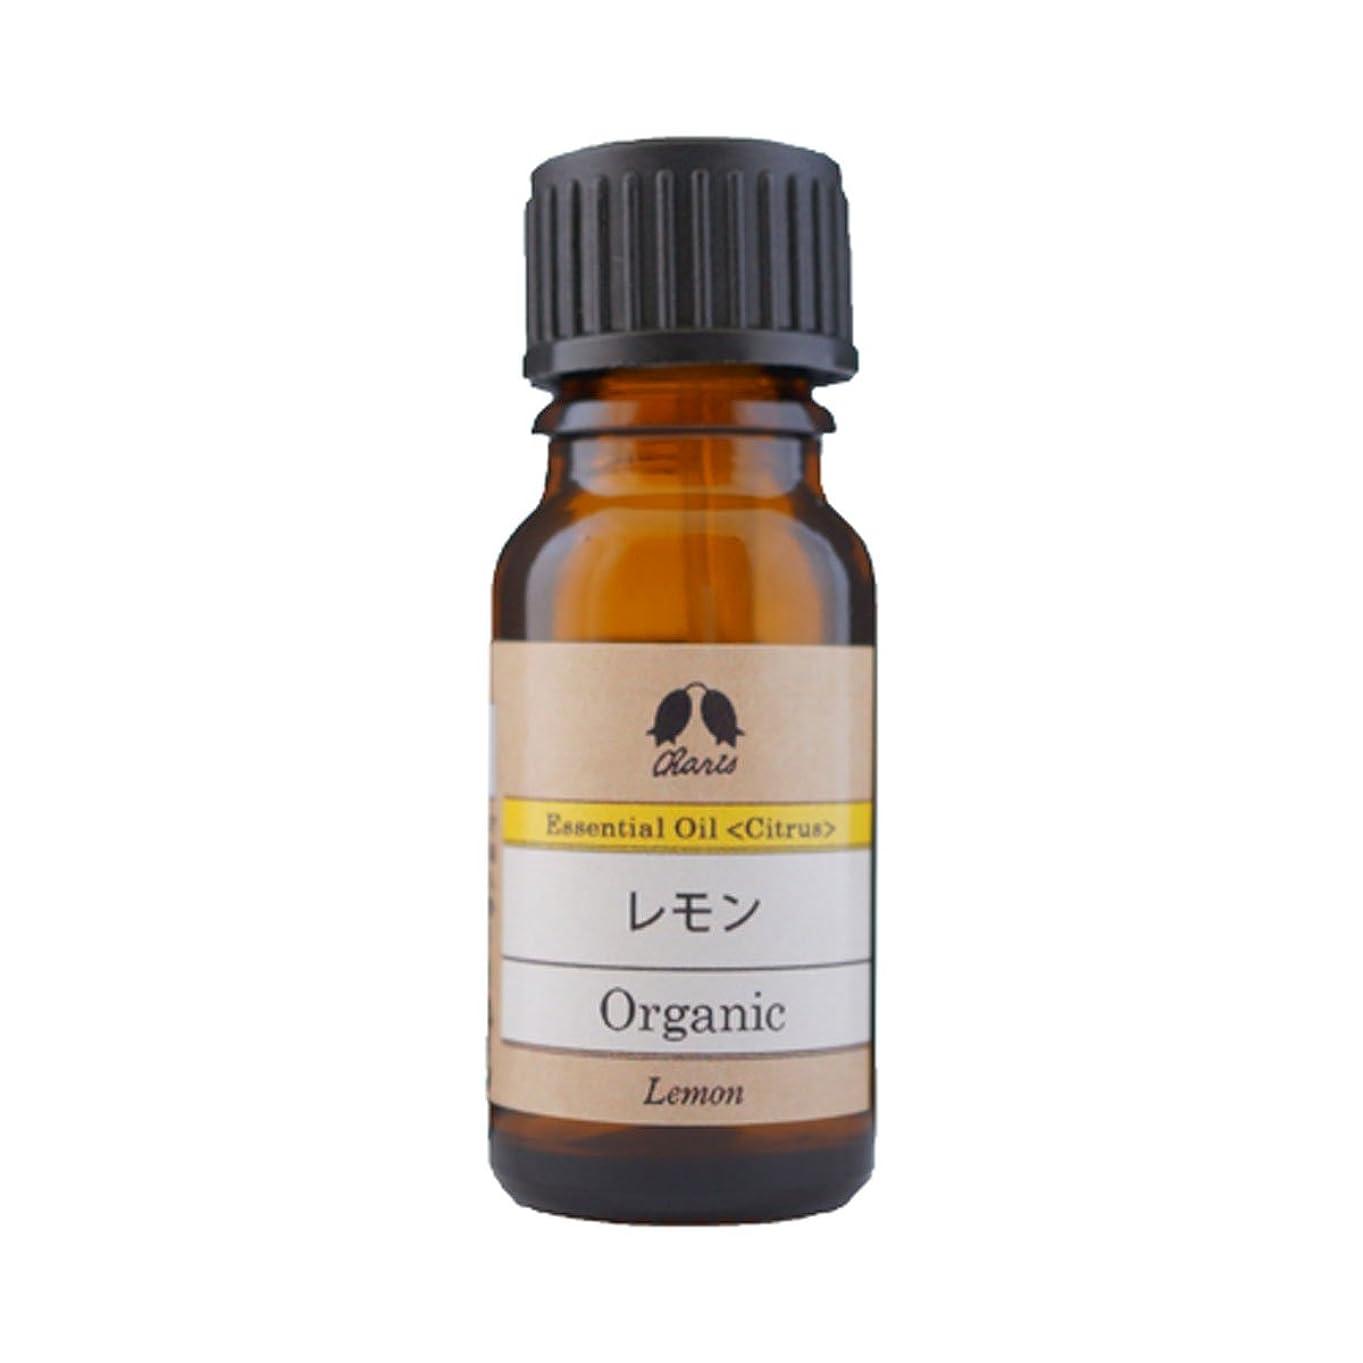 メロンのため粉砕するカリス エッセンシャルオイル レモン オーガニック オイル 10ml